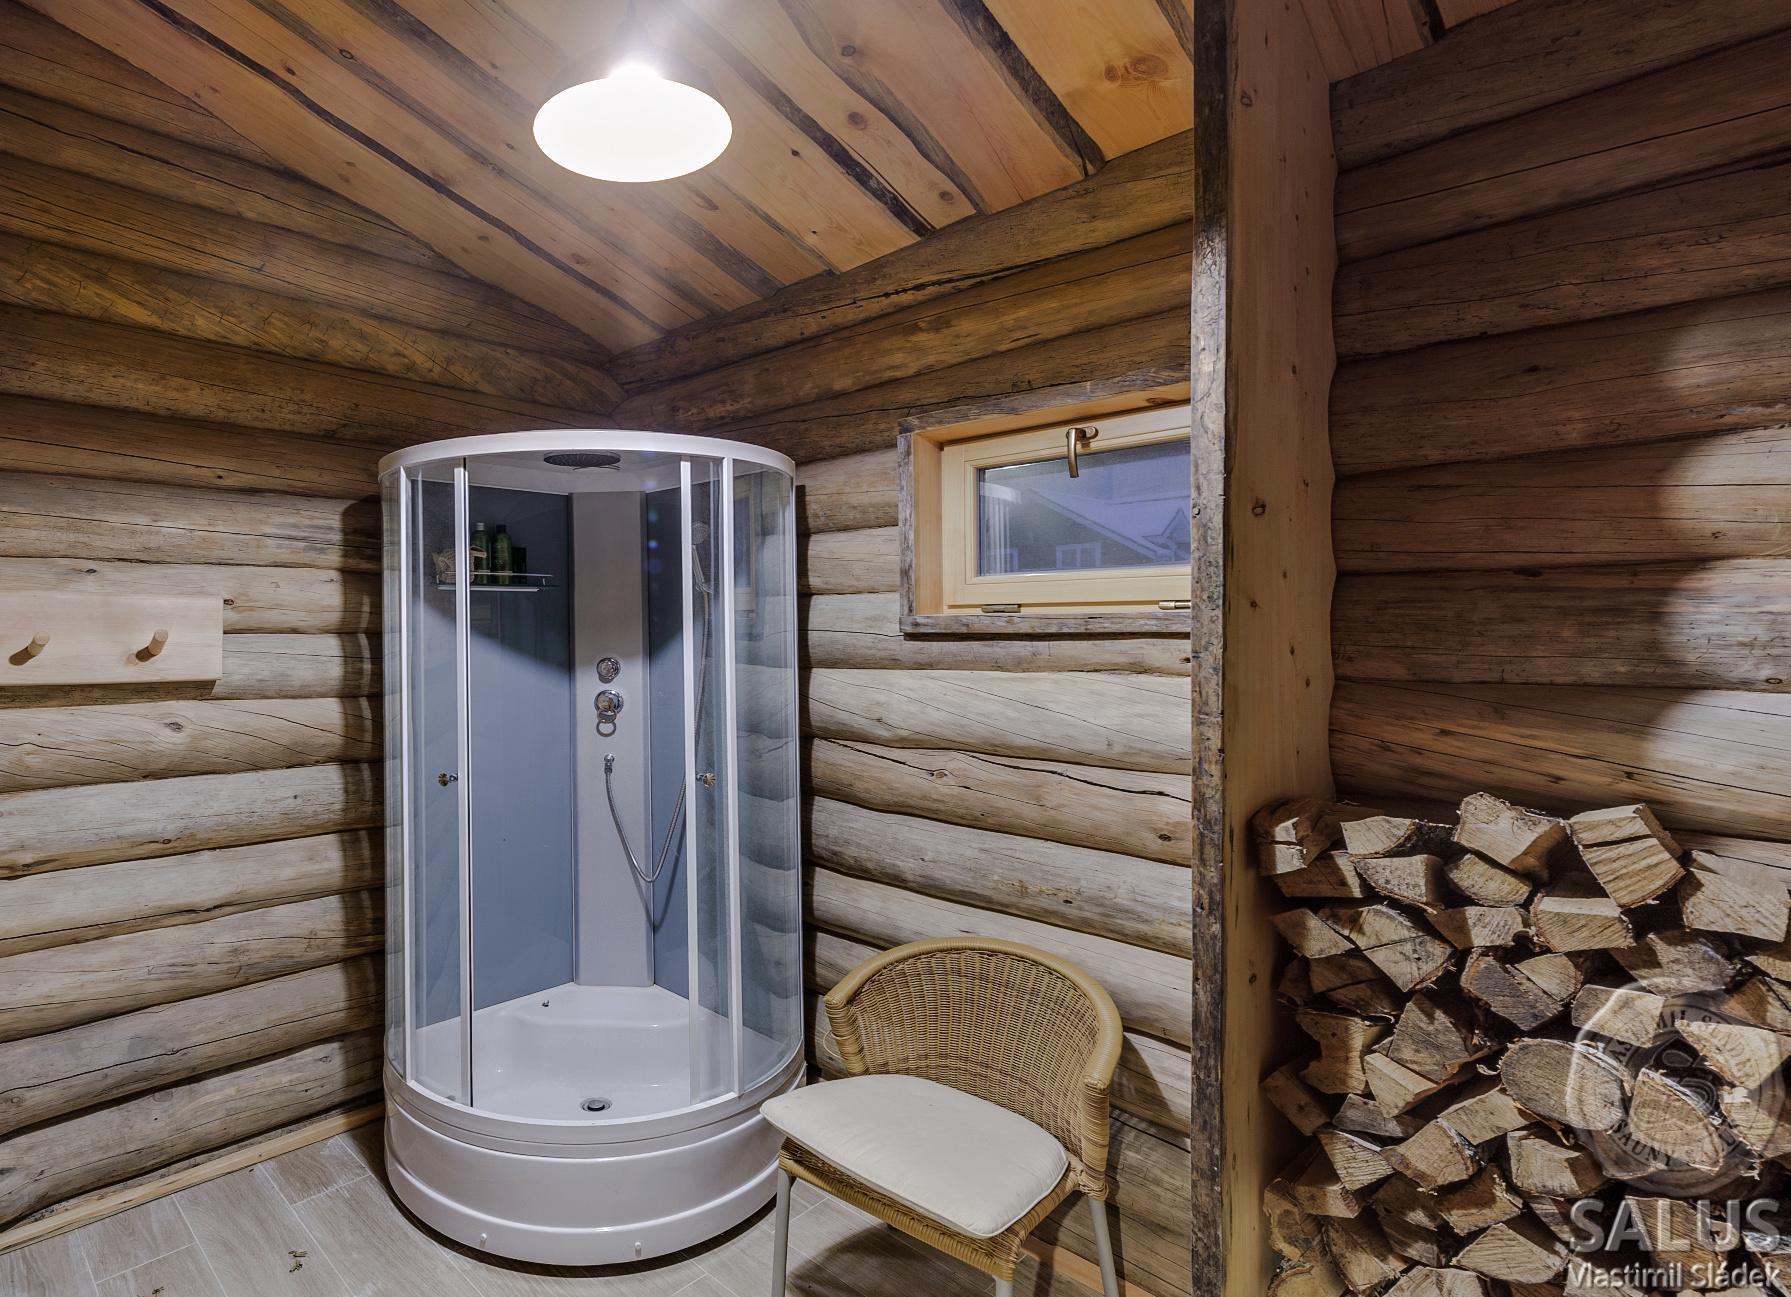 Ochlazovna kelo sauny